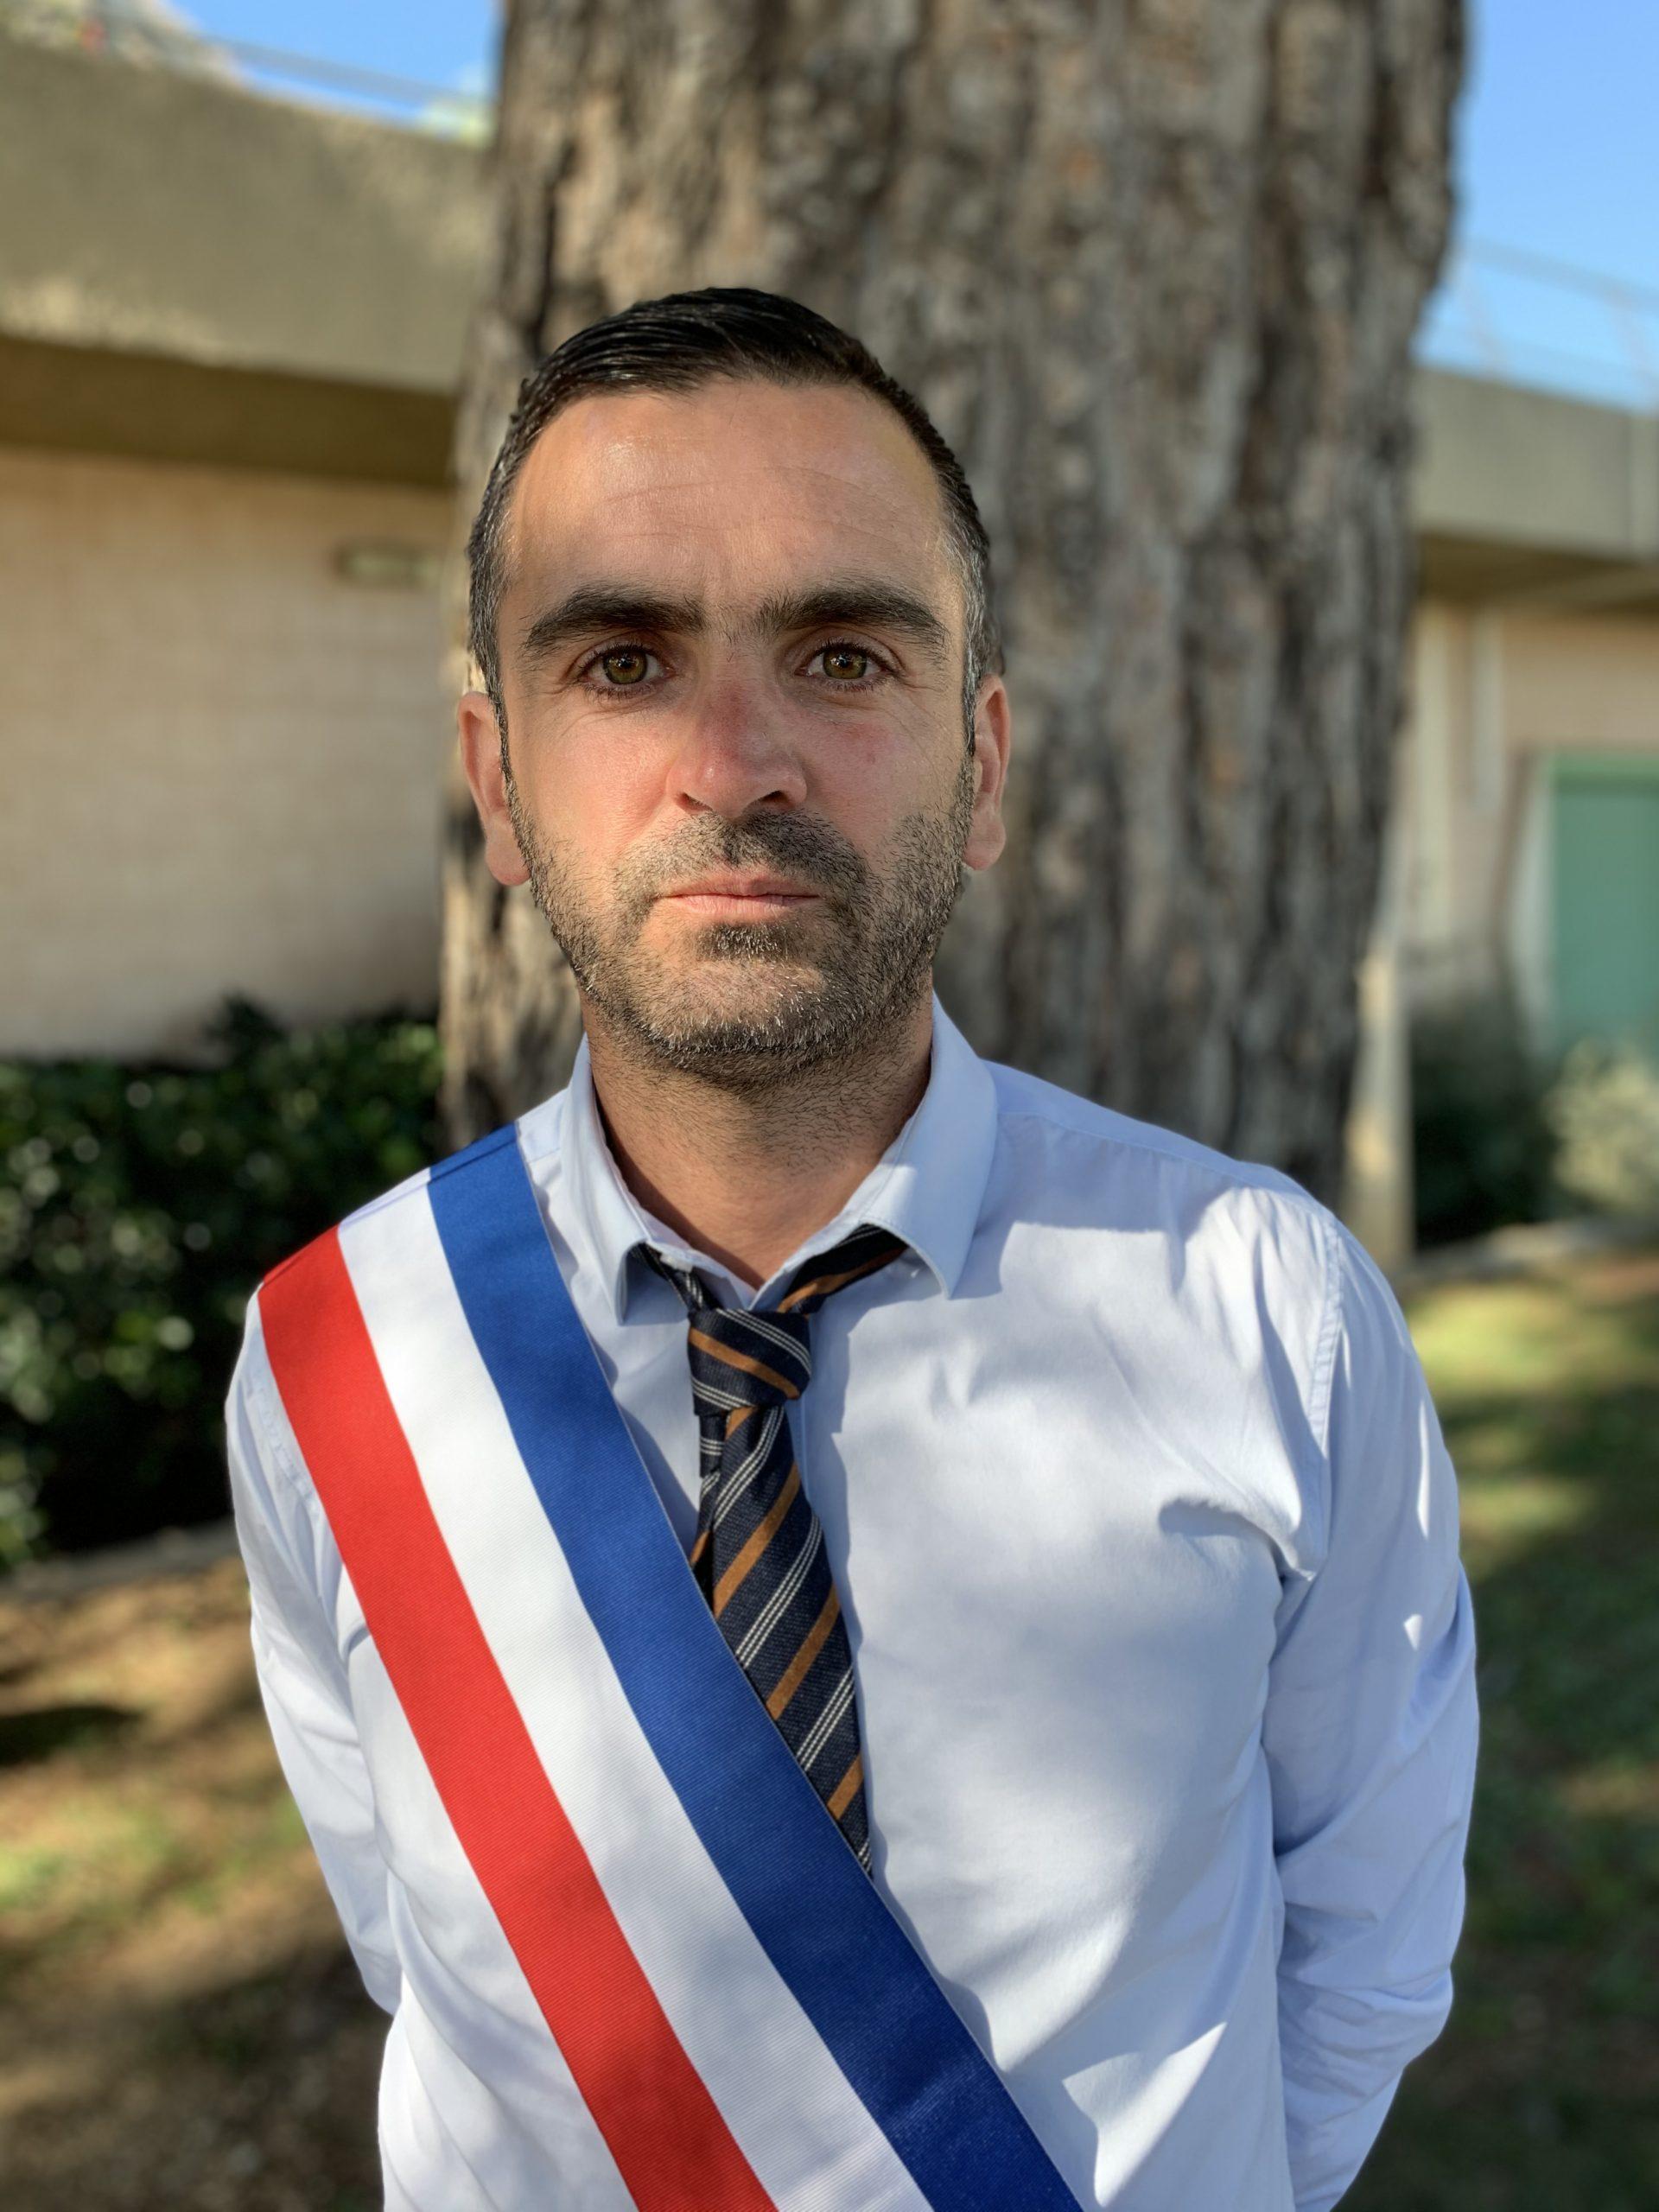 Christophe Agard